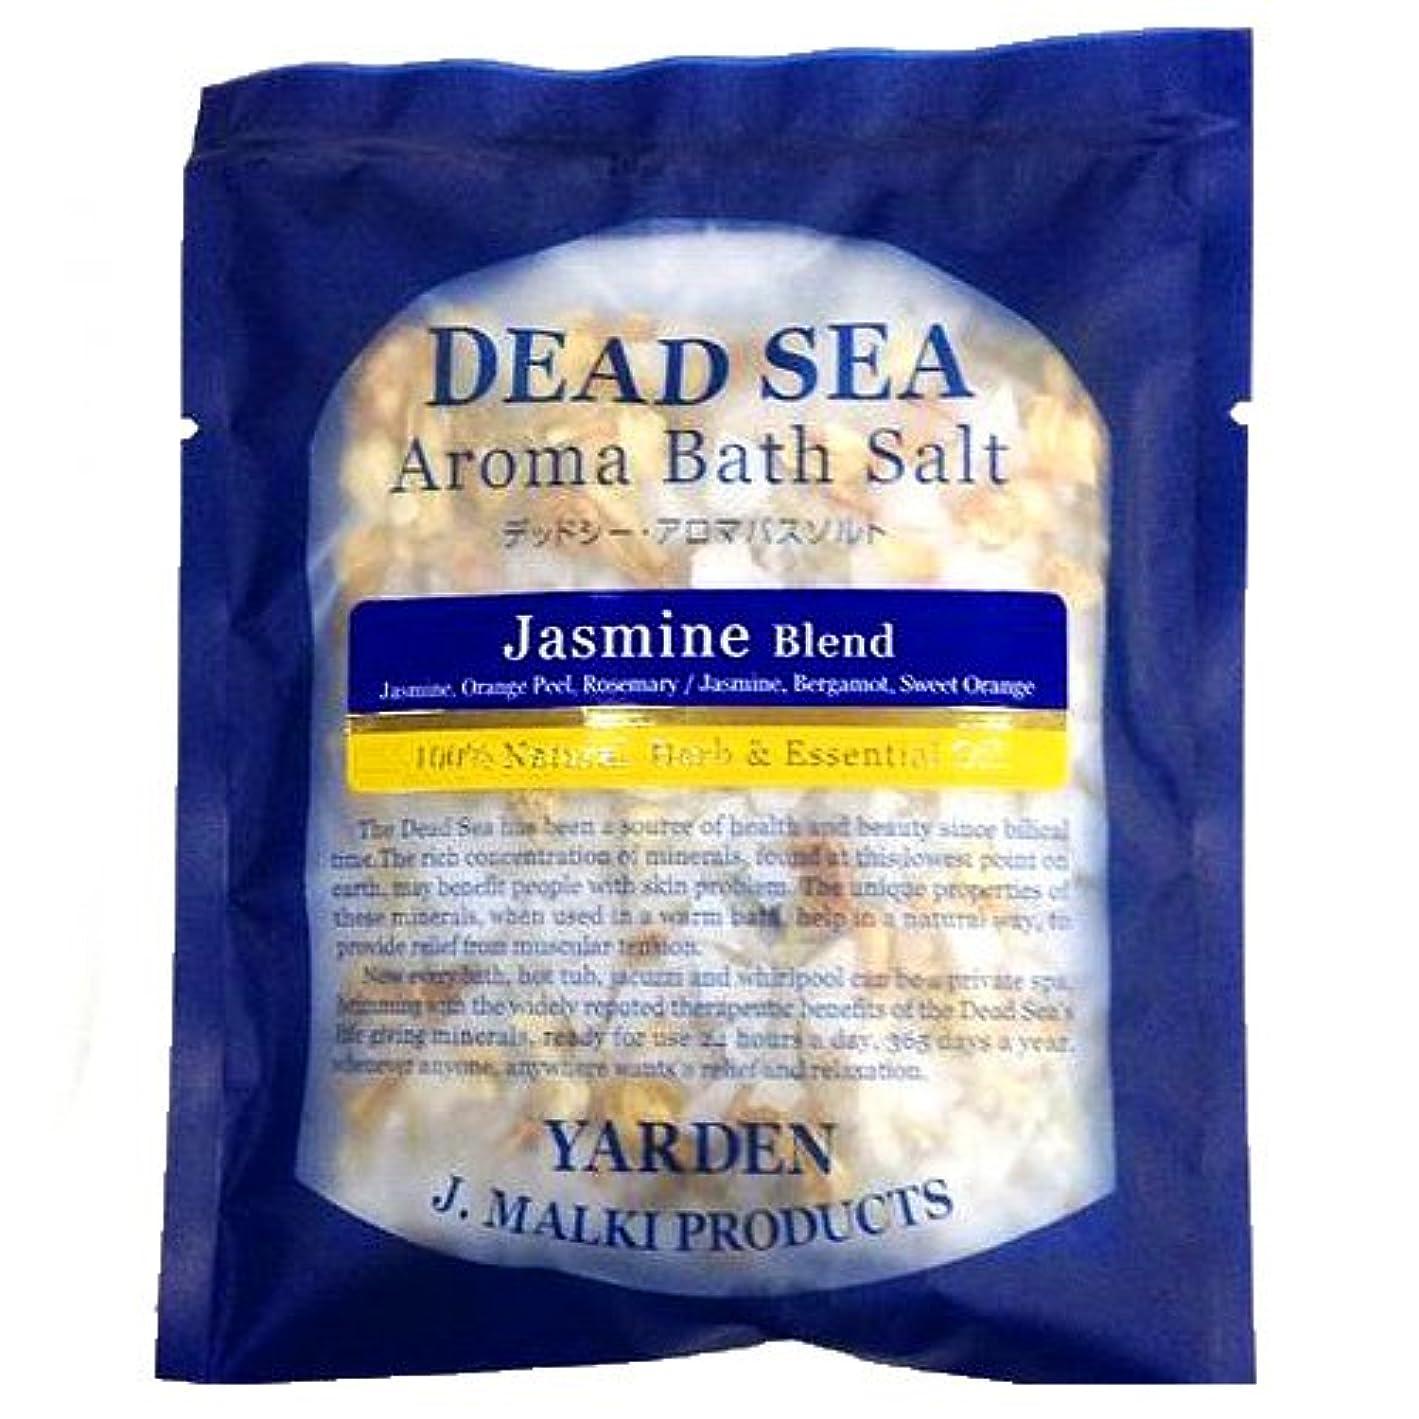 きらめくバスケットボール図デッドシー?アロマバスソルト/ジャスミンブレンド 80g 【DEAD SEA AROMA BATH SALT】死海の塩+精油+ハーブ/入浴剤(入浴用化粧品)【正規販売店】